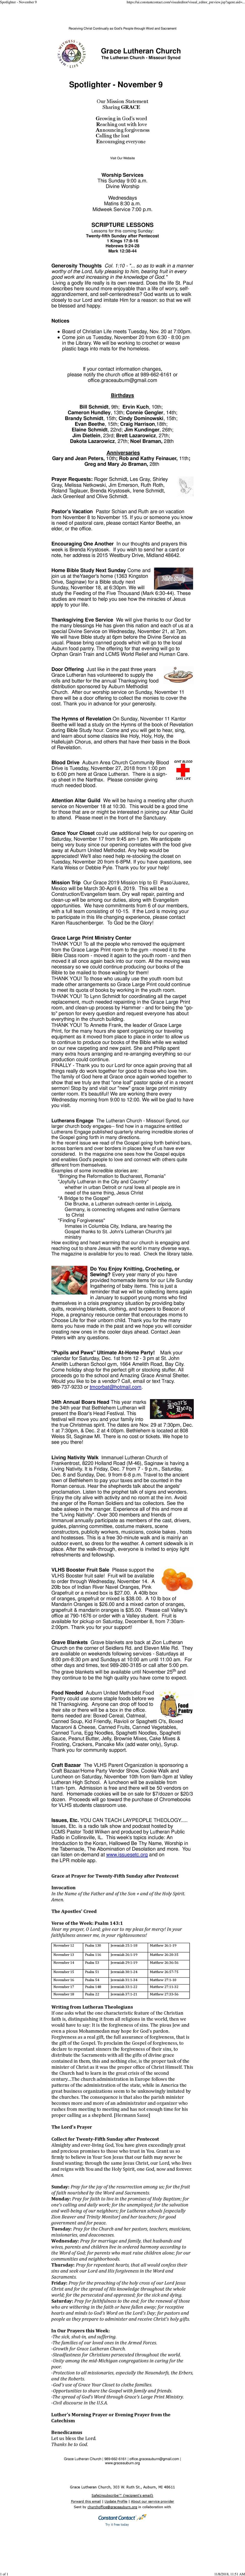 Spotlighter - November 9-page-001.jpg